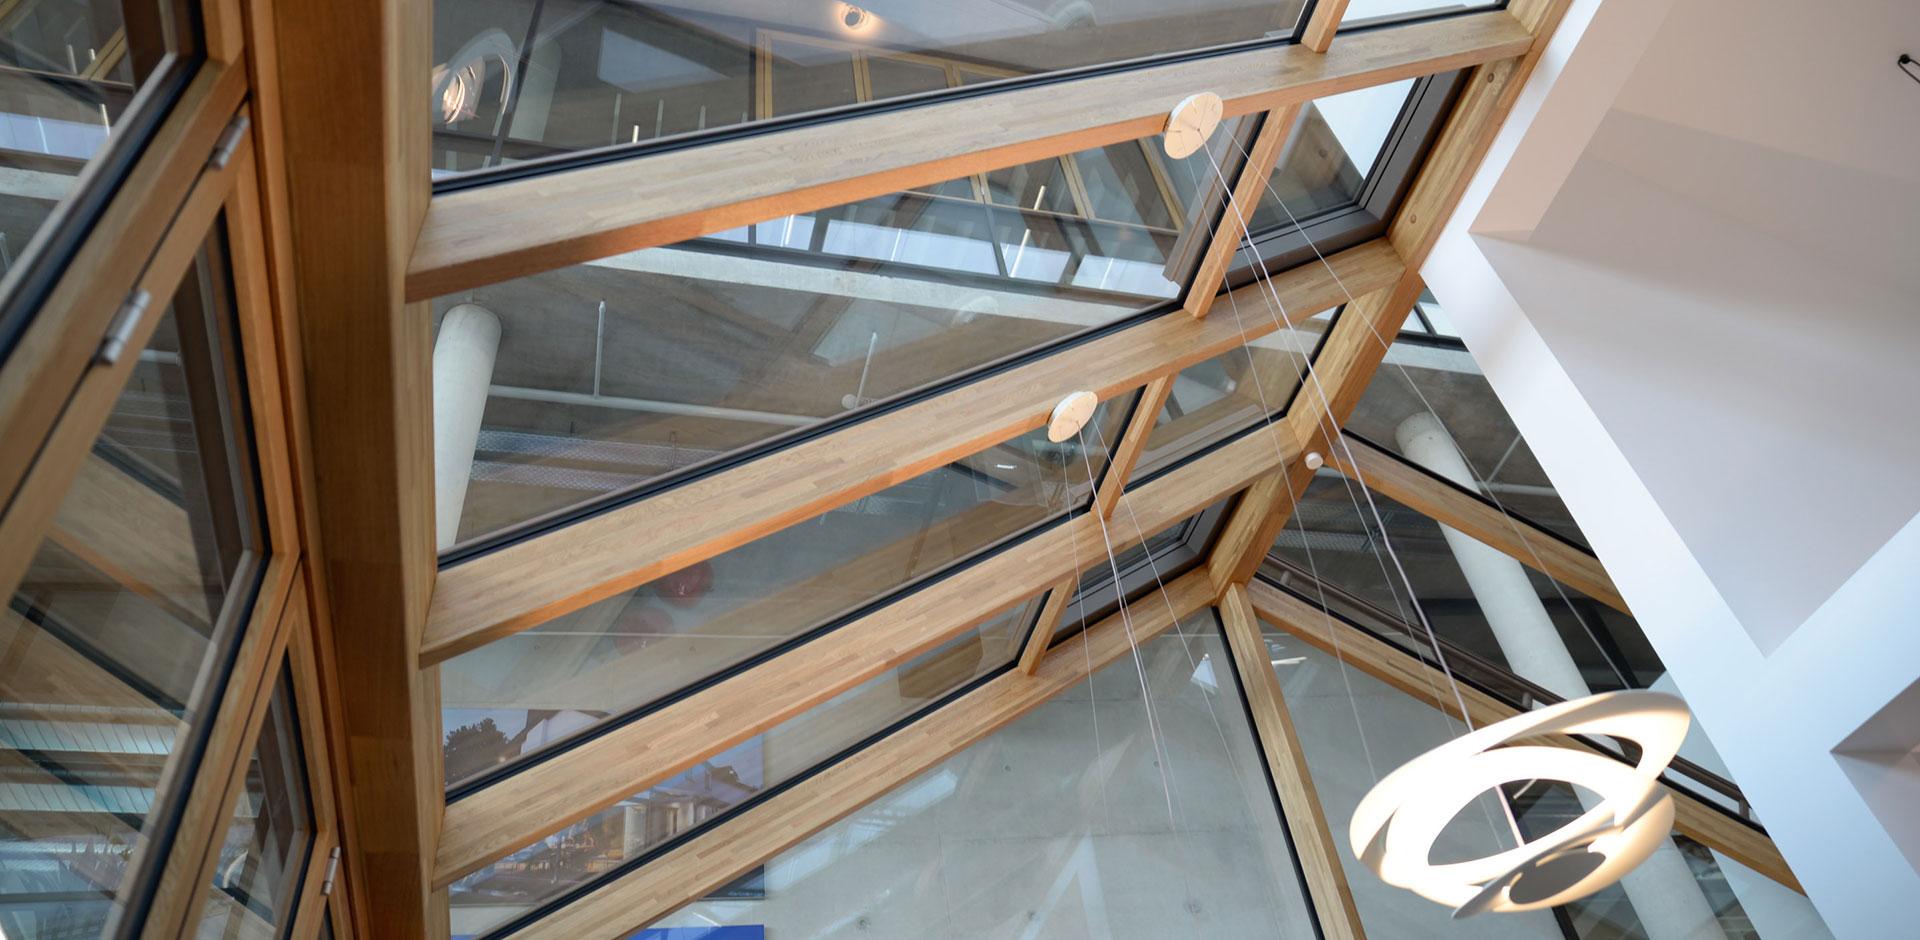 Wintergarten Holz/Aluminium SDL Avantgarde